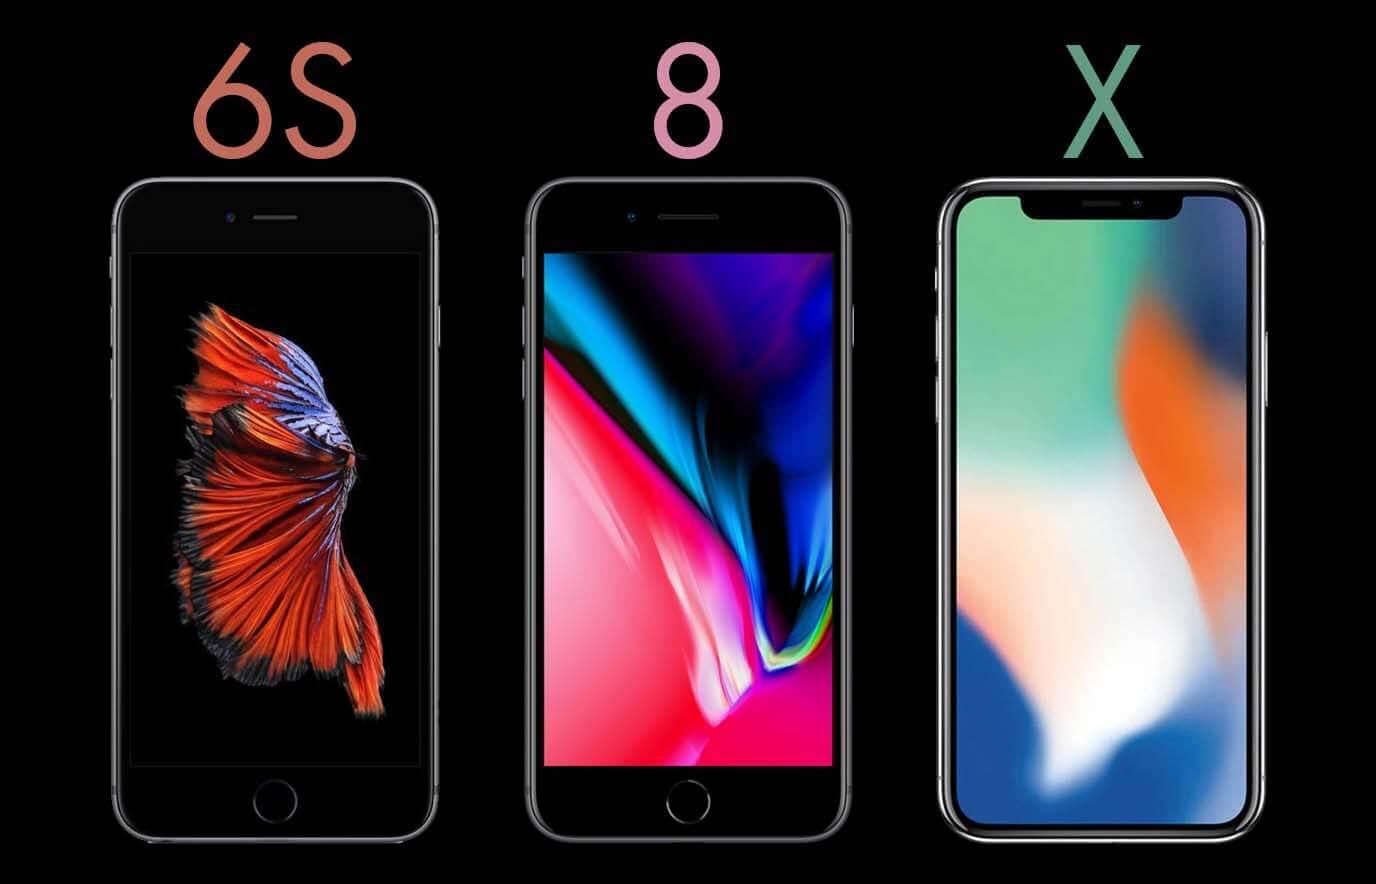 iPhone 6S, iPhone 8 en iPhone X overeenkomsten en verschillen